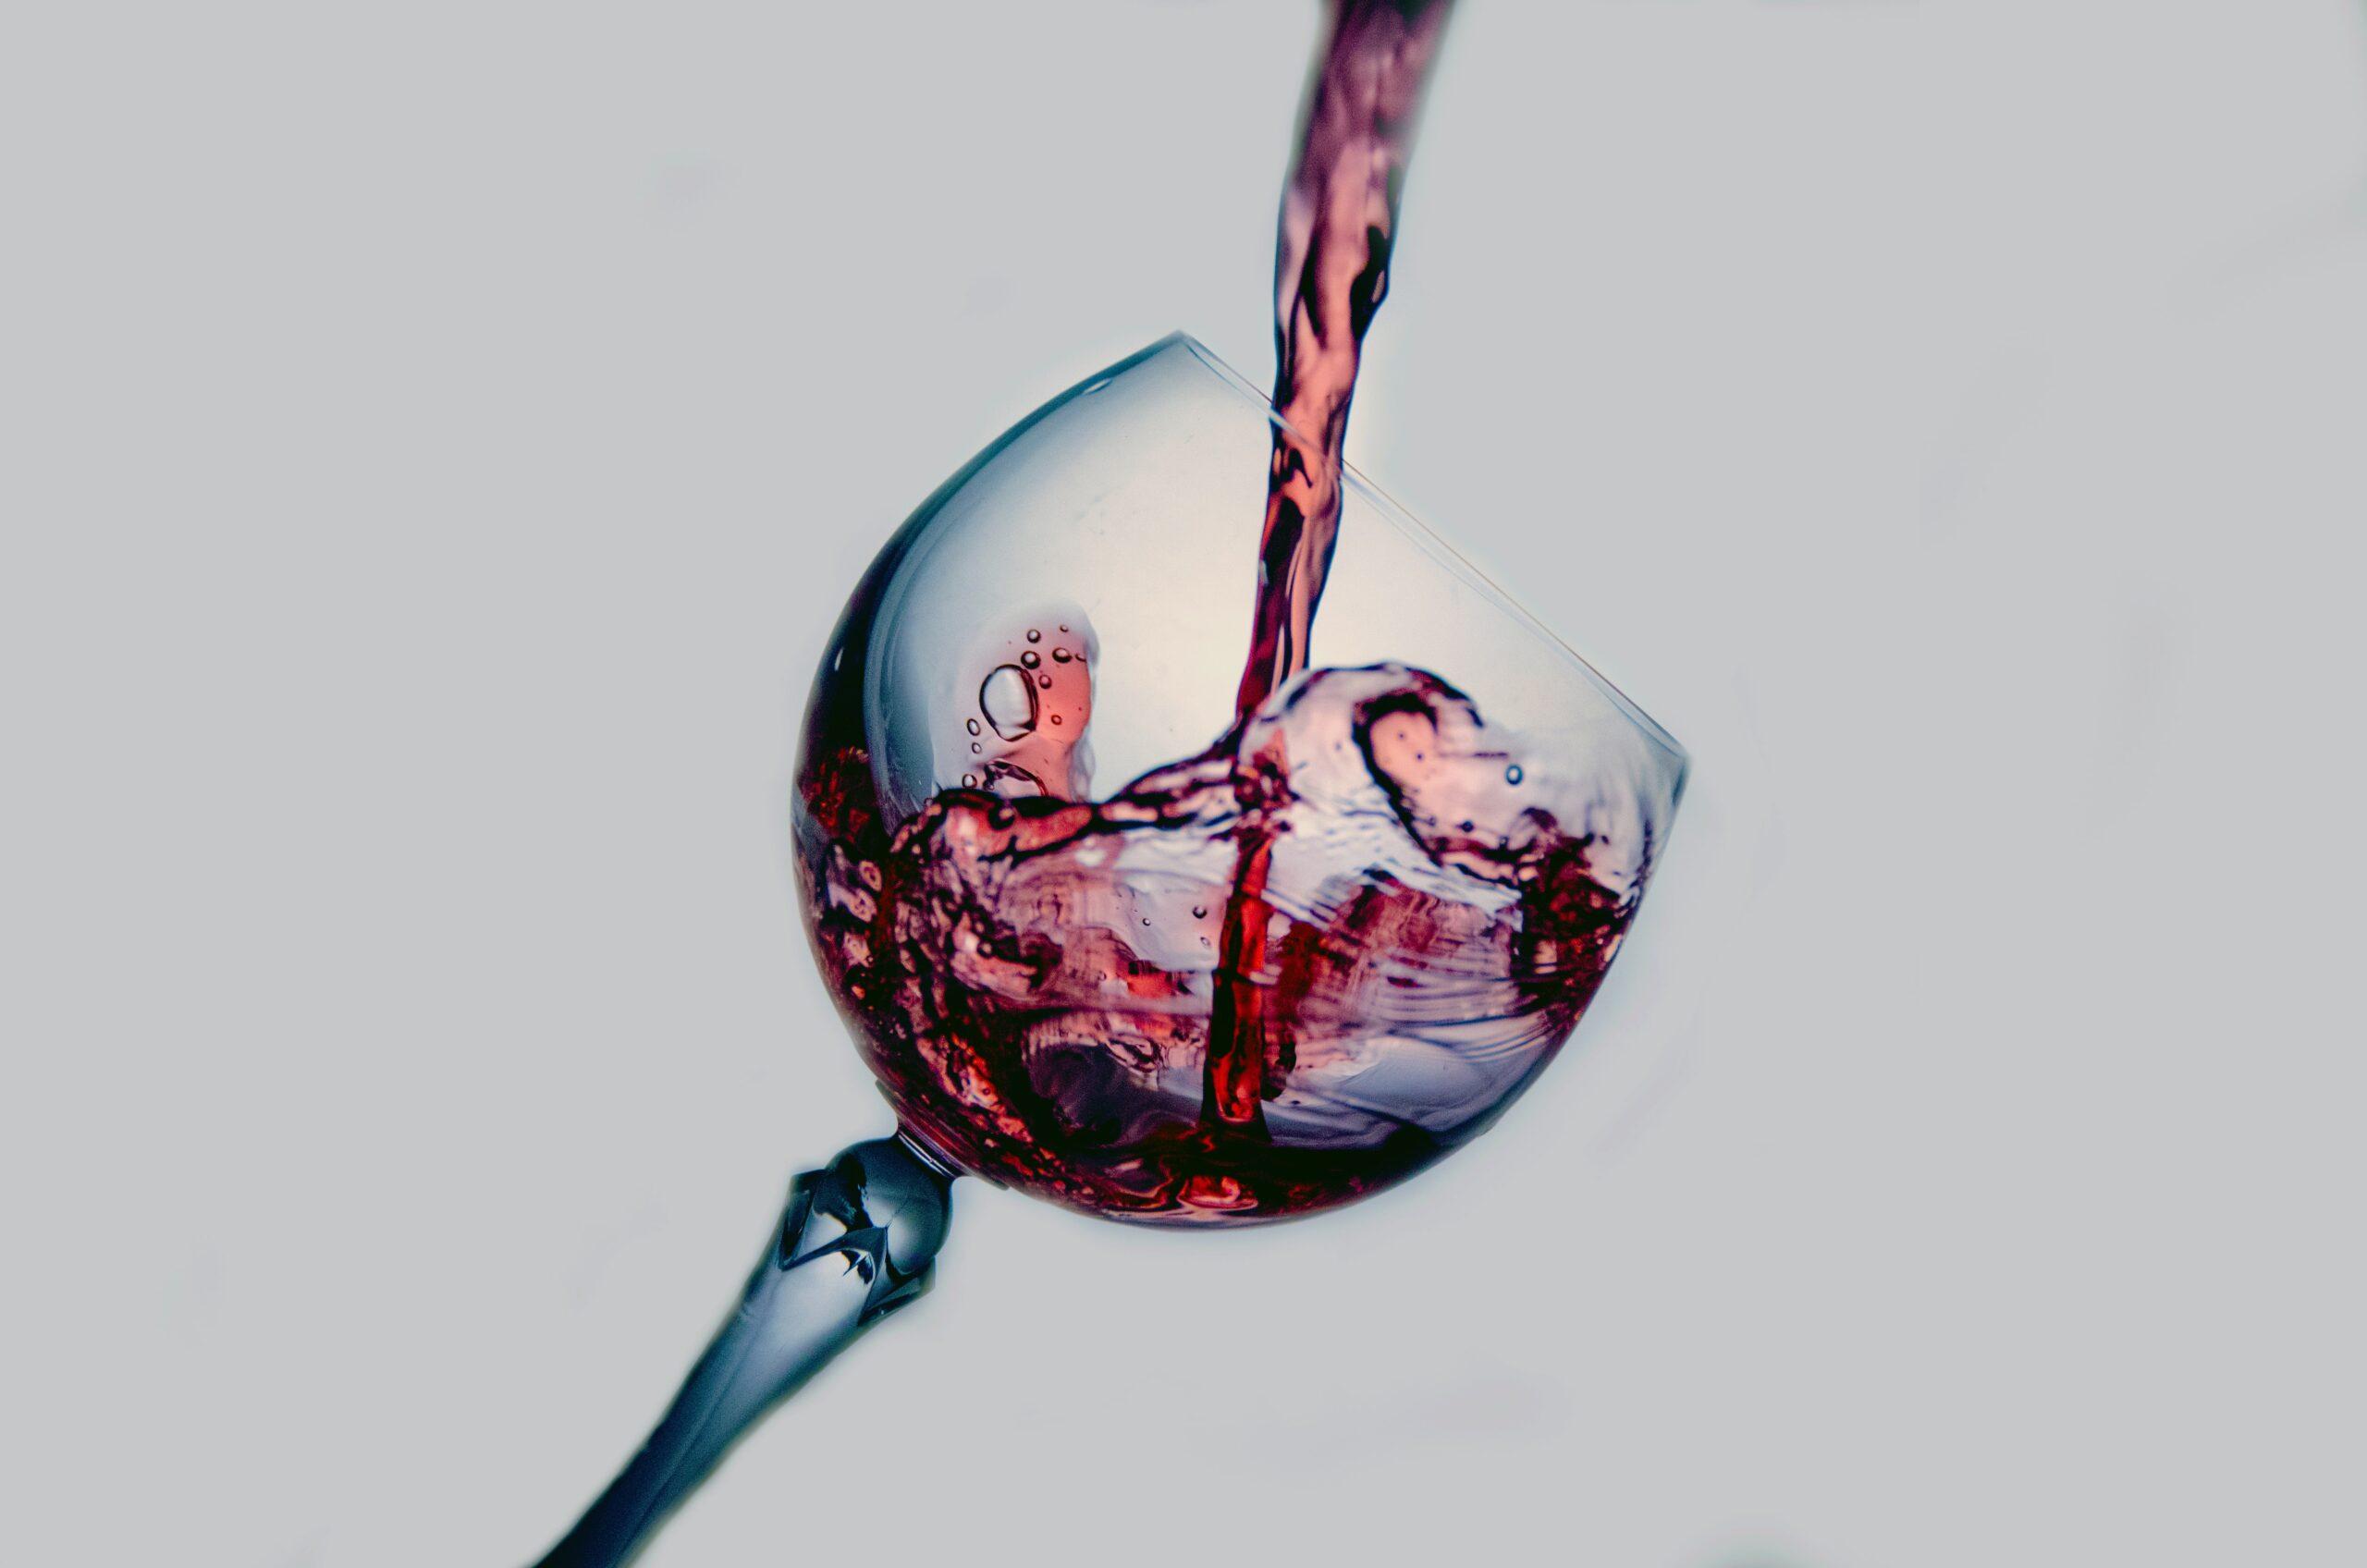 Kan man tage CBD produkter og samtidig drikke vin?